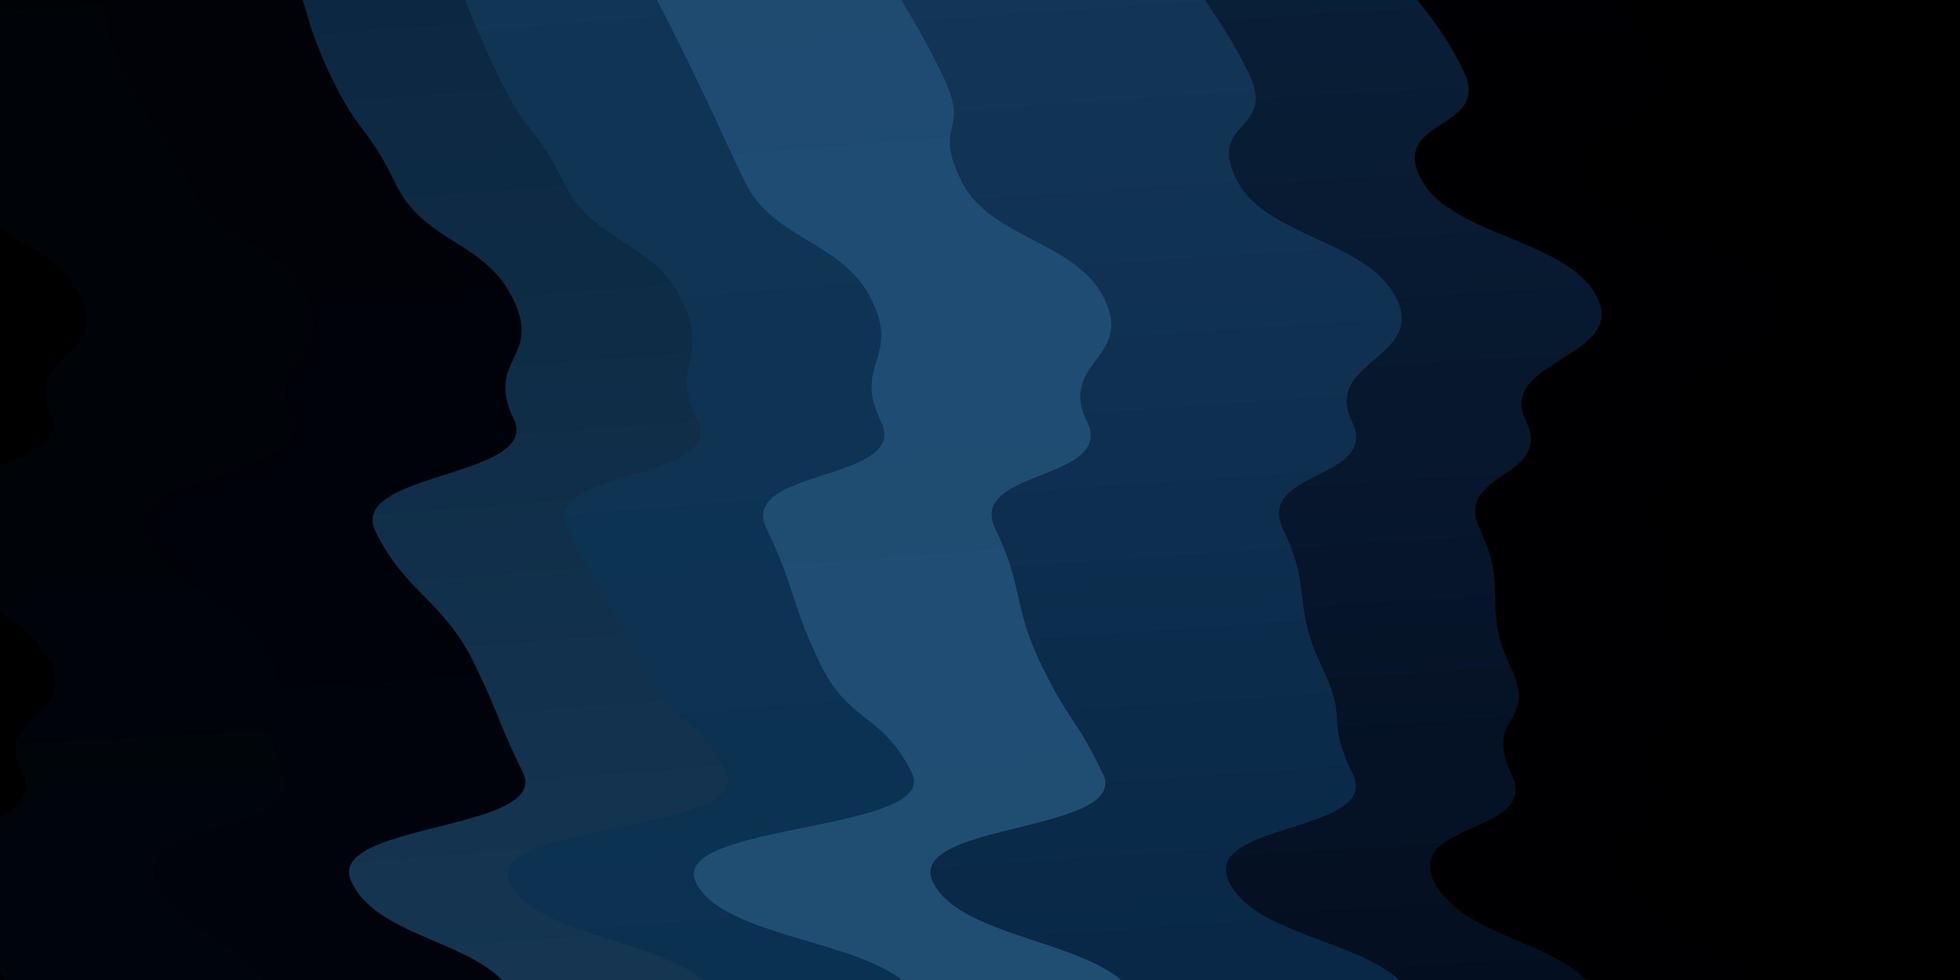 pano de fundo vector azul escuro com arco circular.